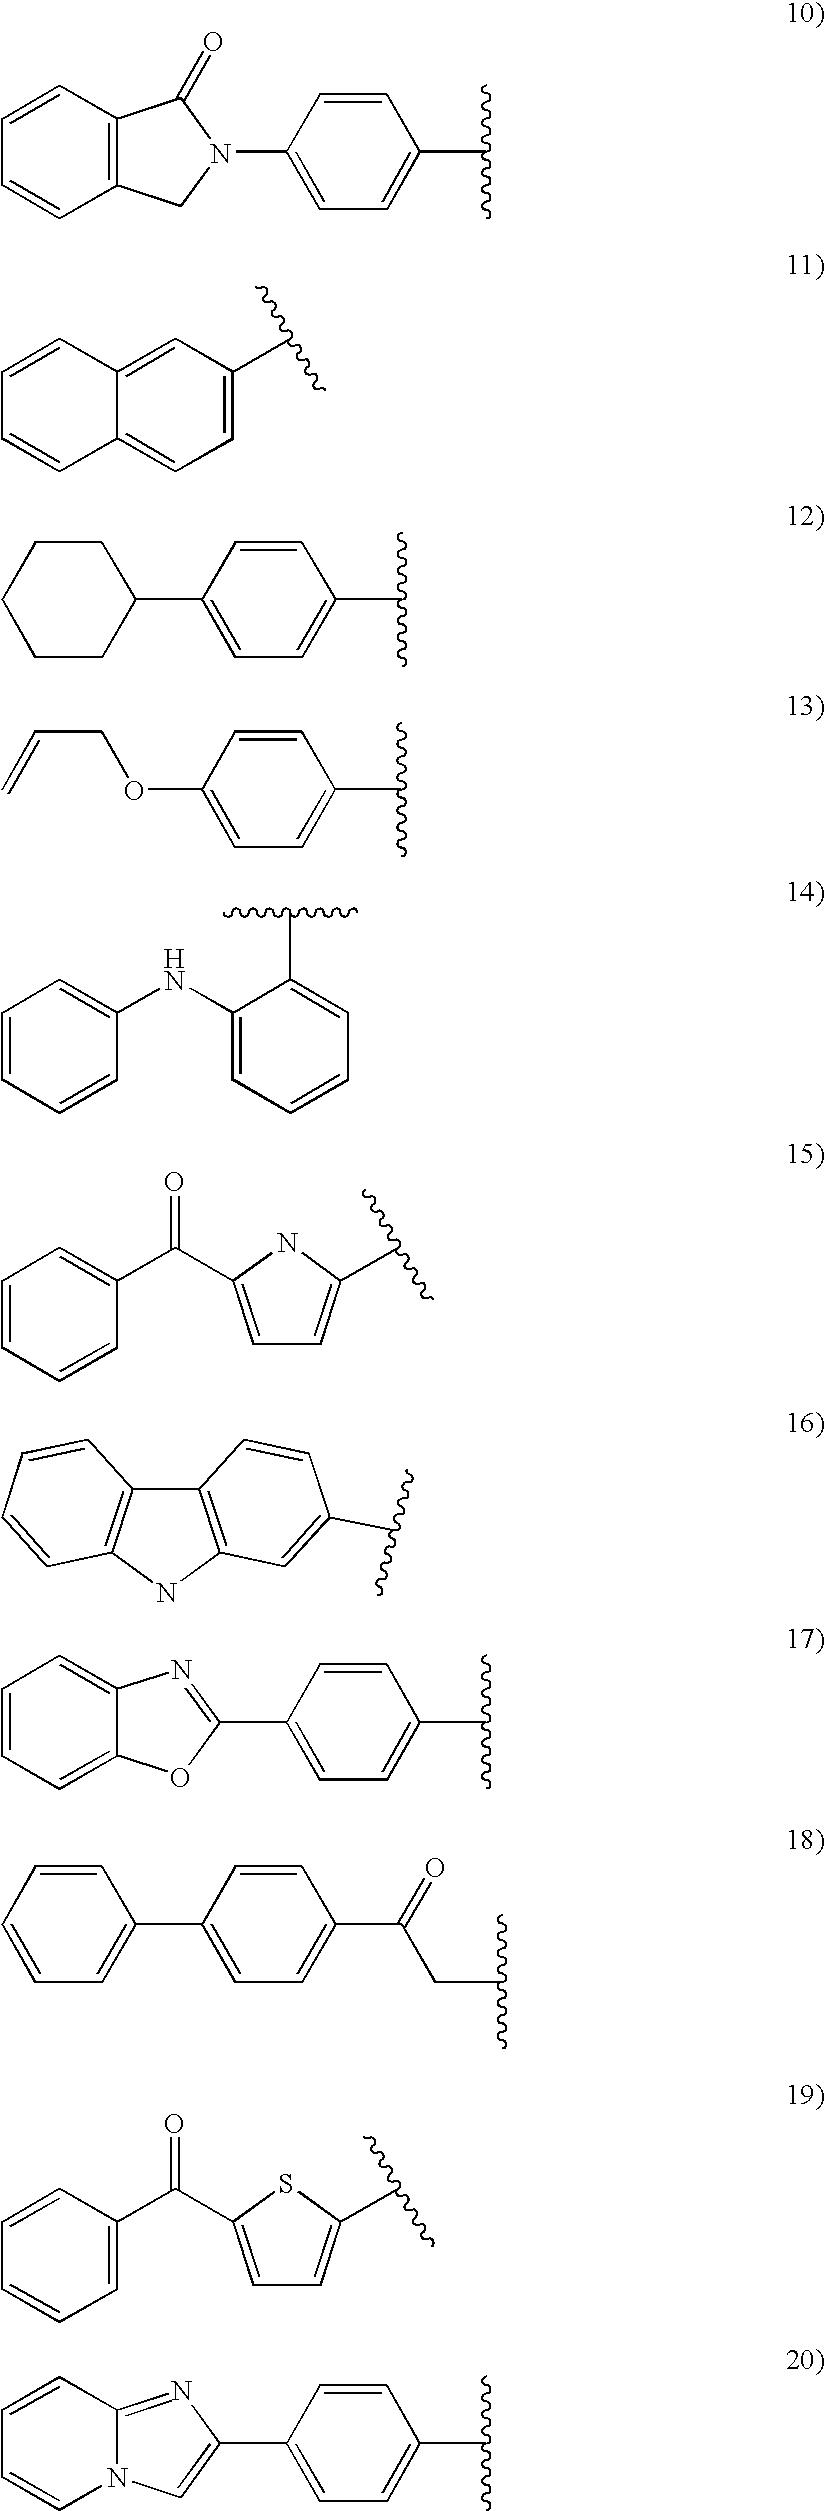 Figure US20050054714A1-20050310-C00005